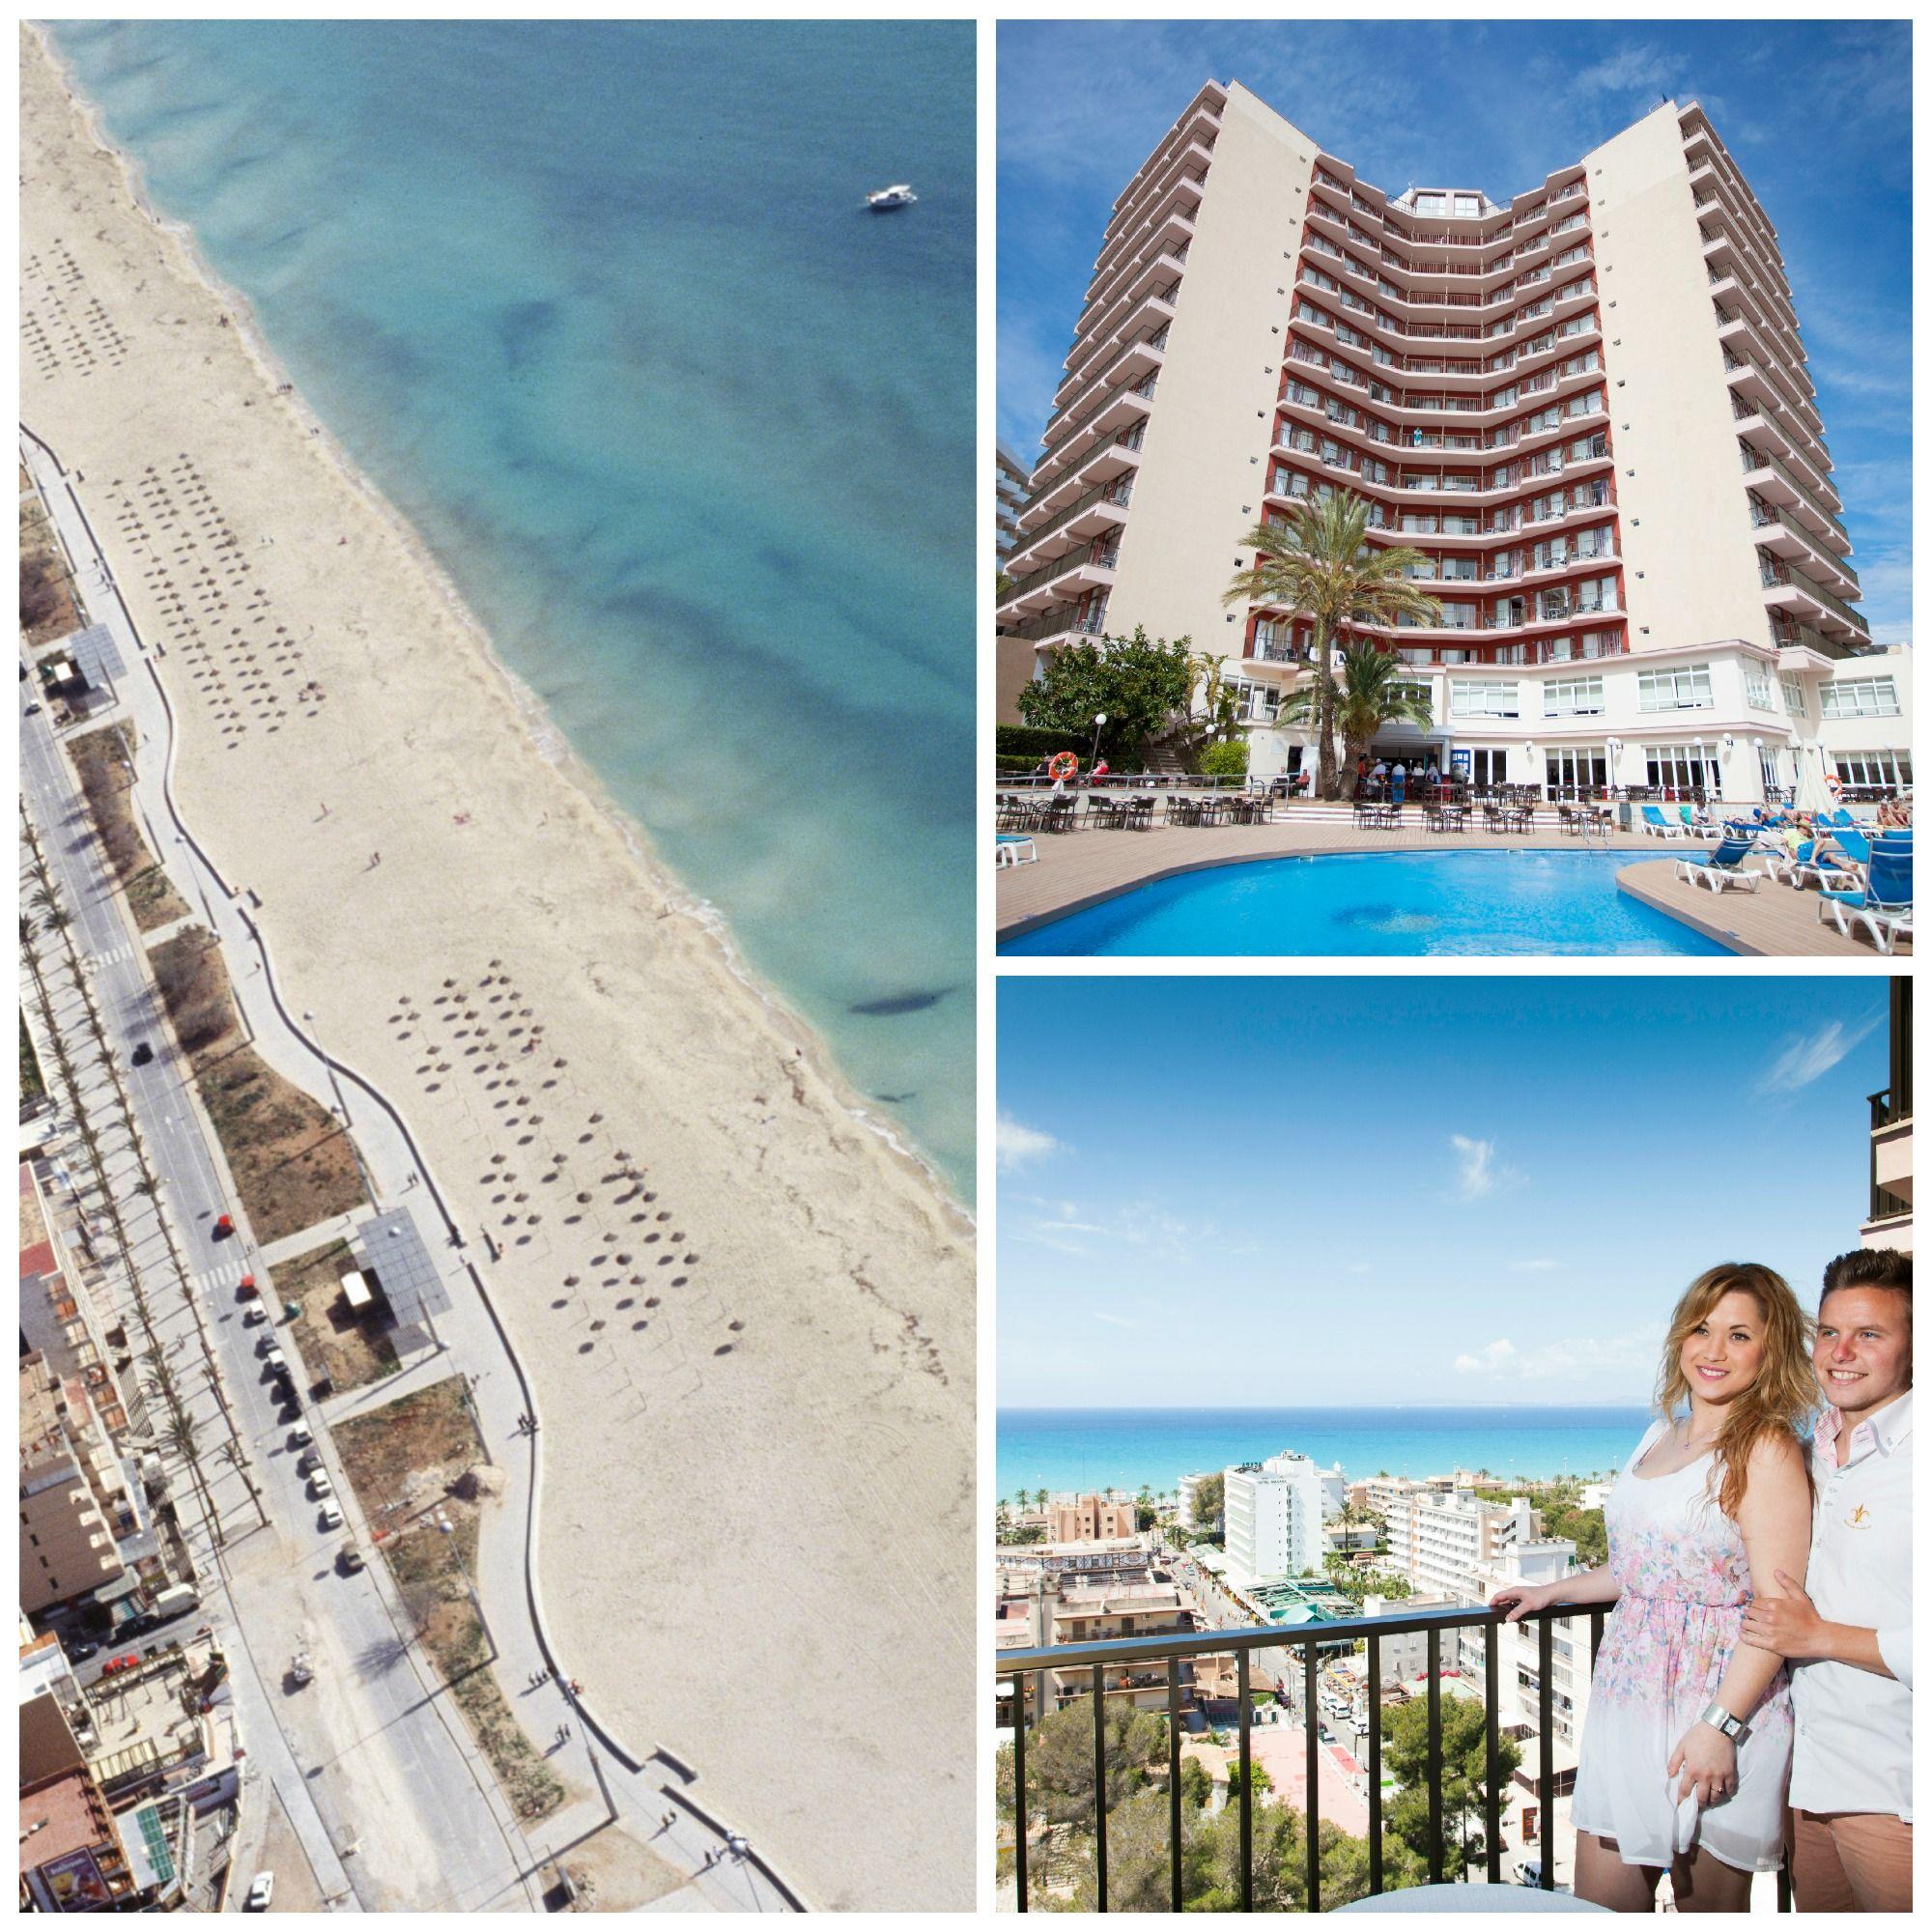 Playa de Palma - kun haluat lomailla keskeisellä sijainnilla lähellä rantaa ja huvituksia.